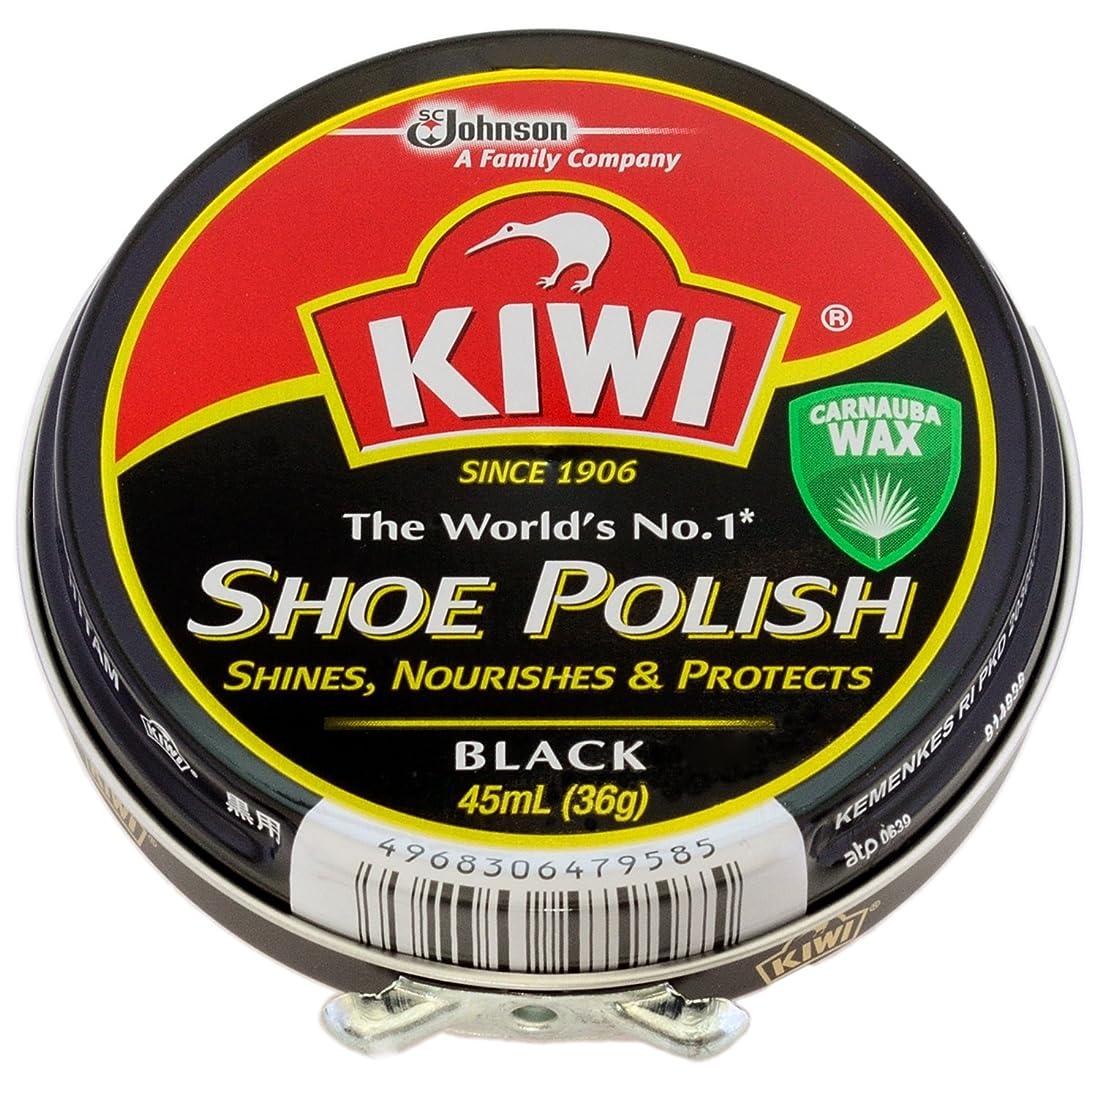 宣言する美徳トラフKIWI(キィウィ) 靴用クリーム 油性靴クリーム 黒色用 45ml